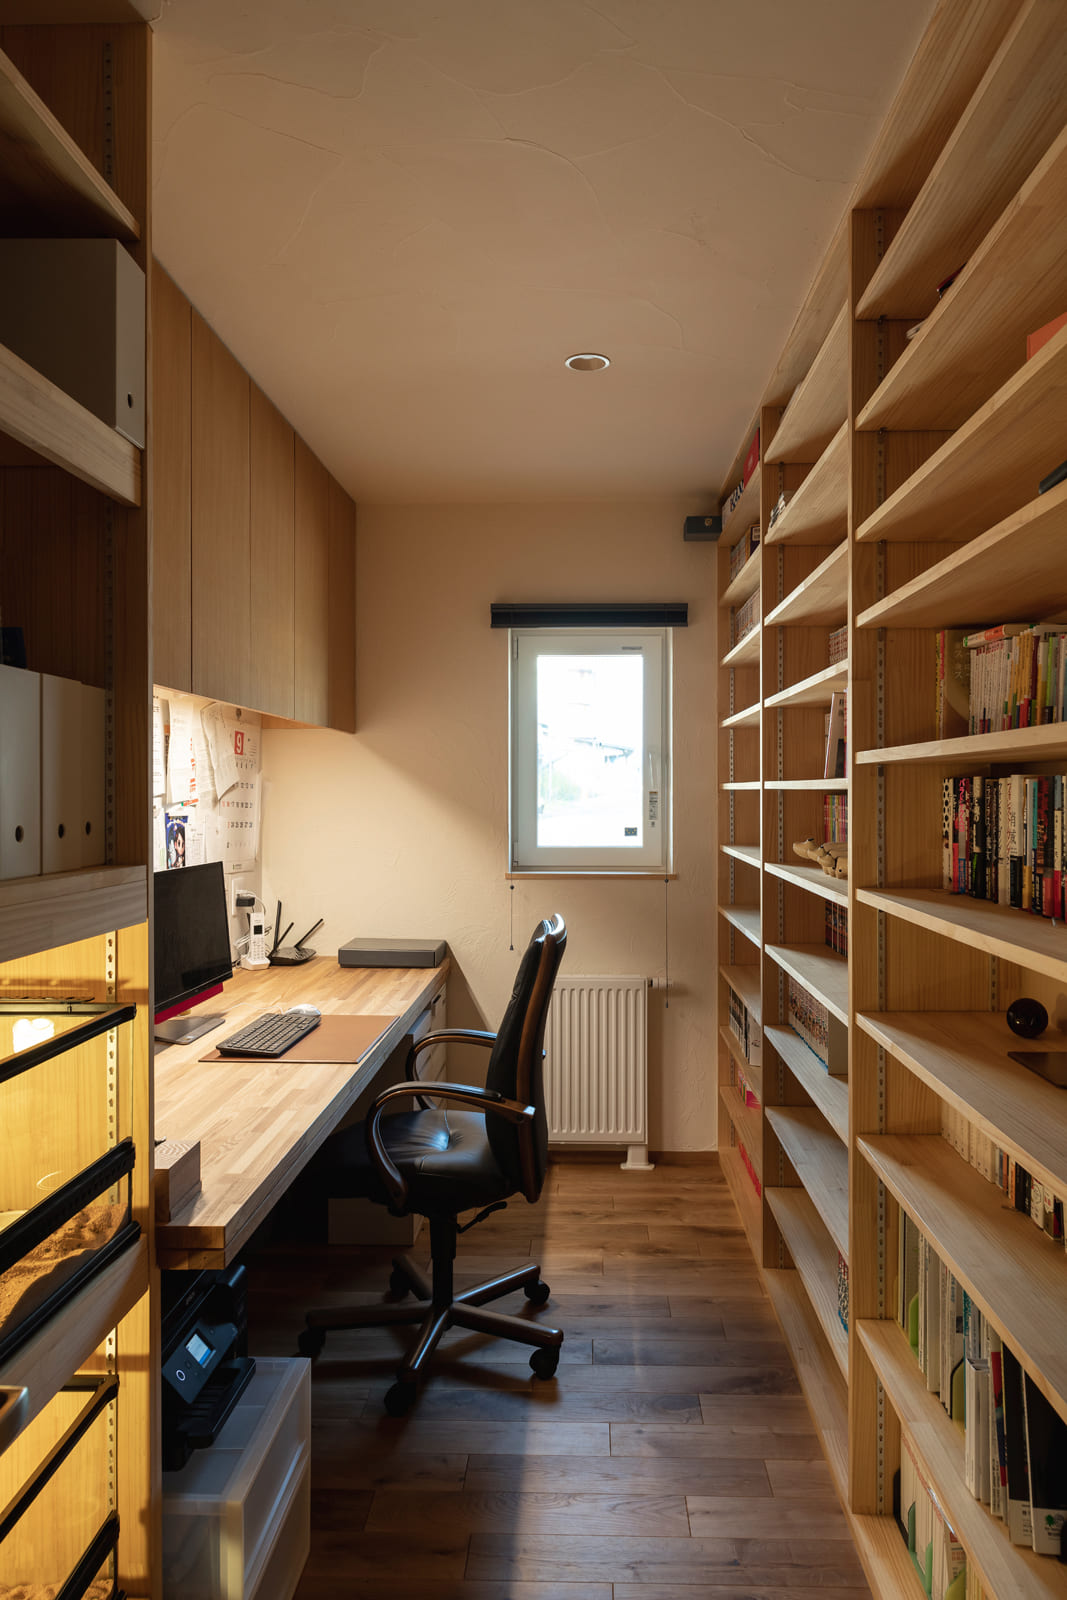 事務スペースには、造作のカウンター机と壁一面の本棚